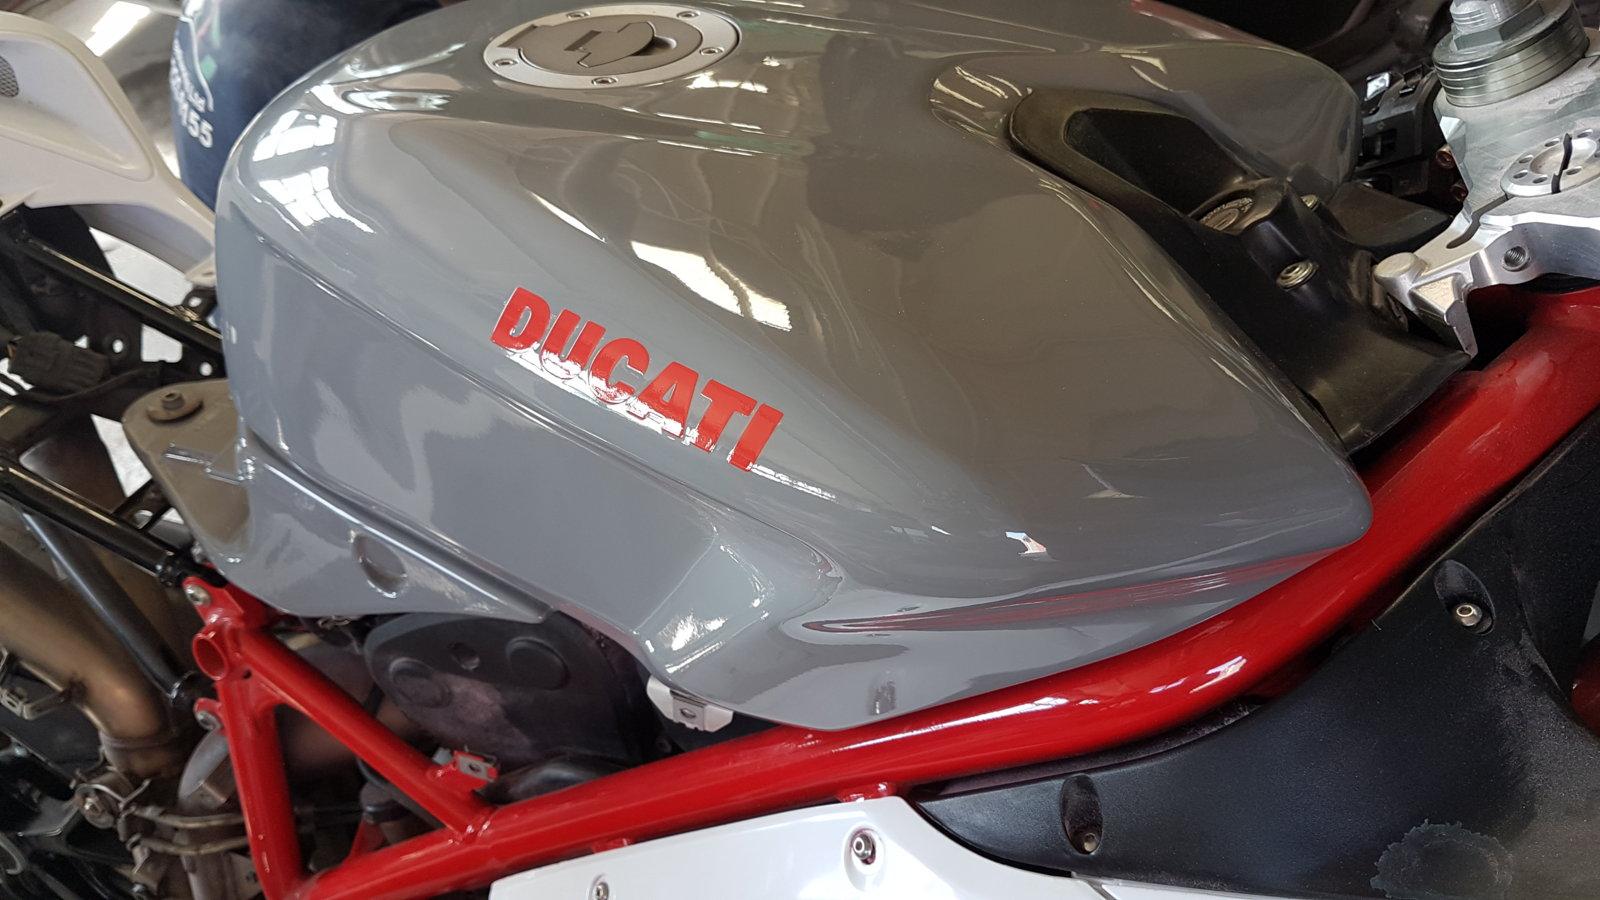 848 - Crash Damaged Project  | Ducati Forum